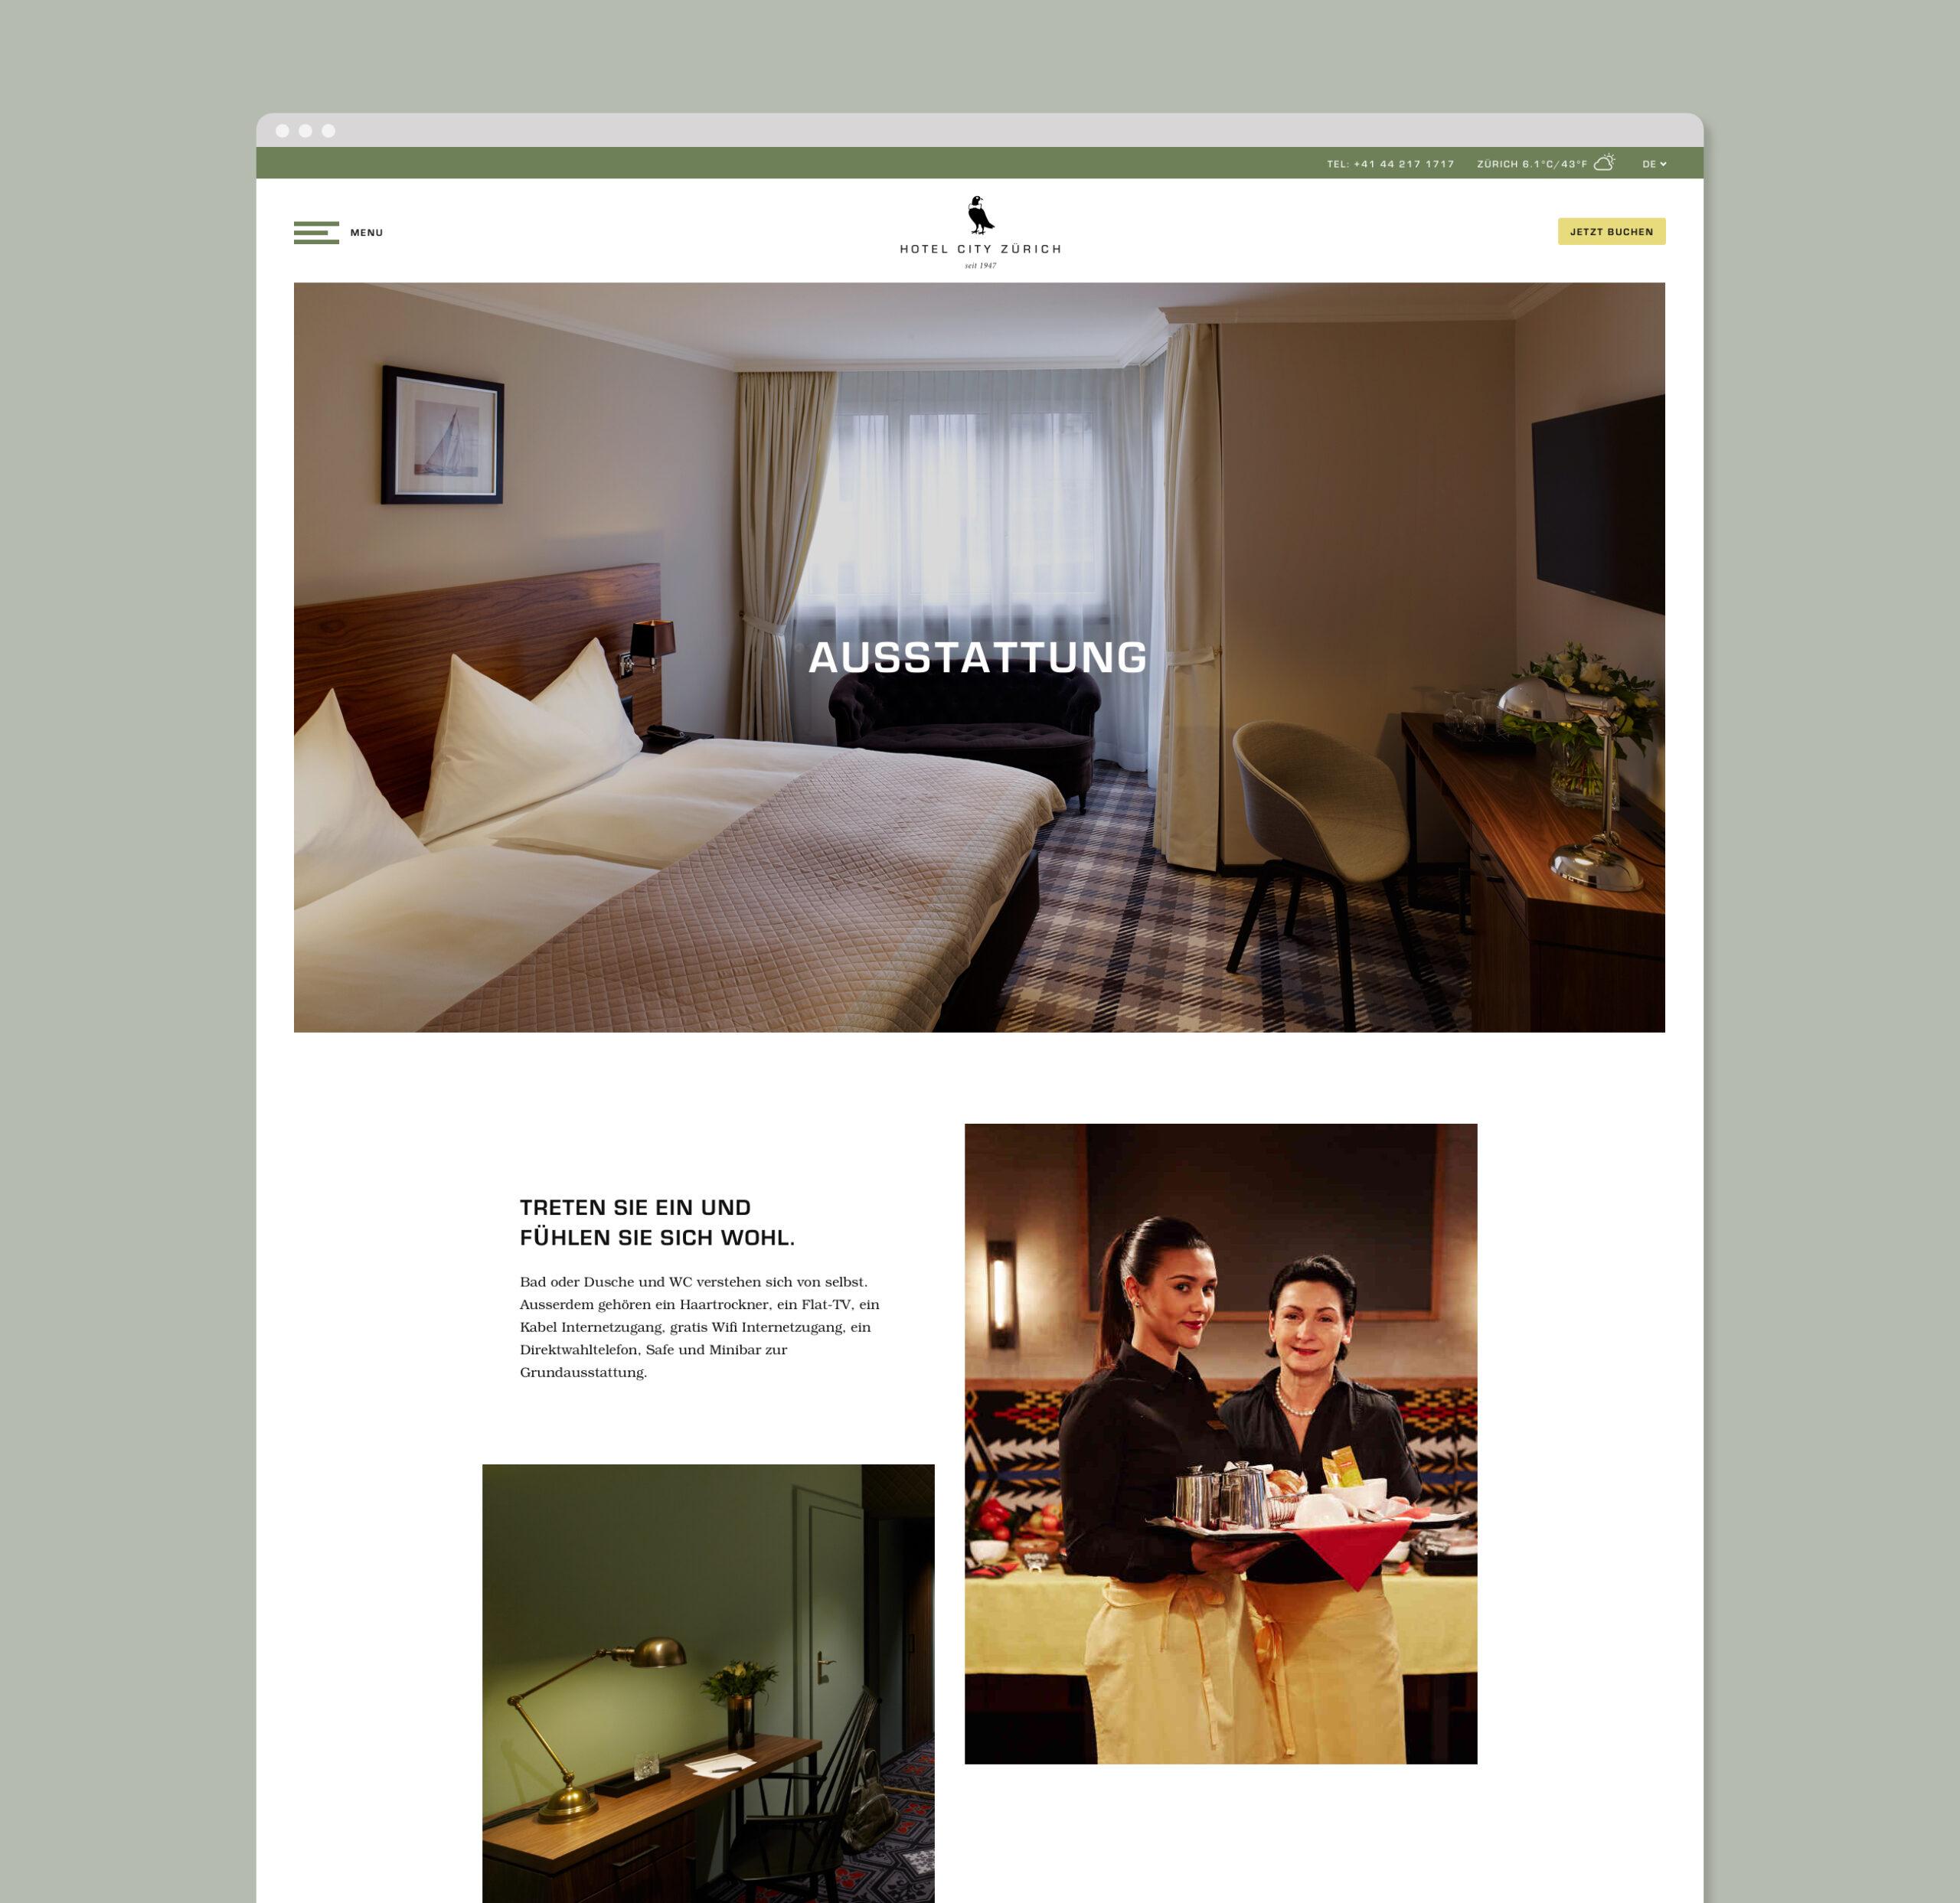 Hotel City Zürich Bildschrimfoto Webseite Ausstattung